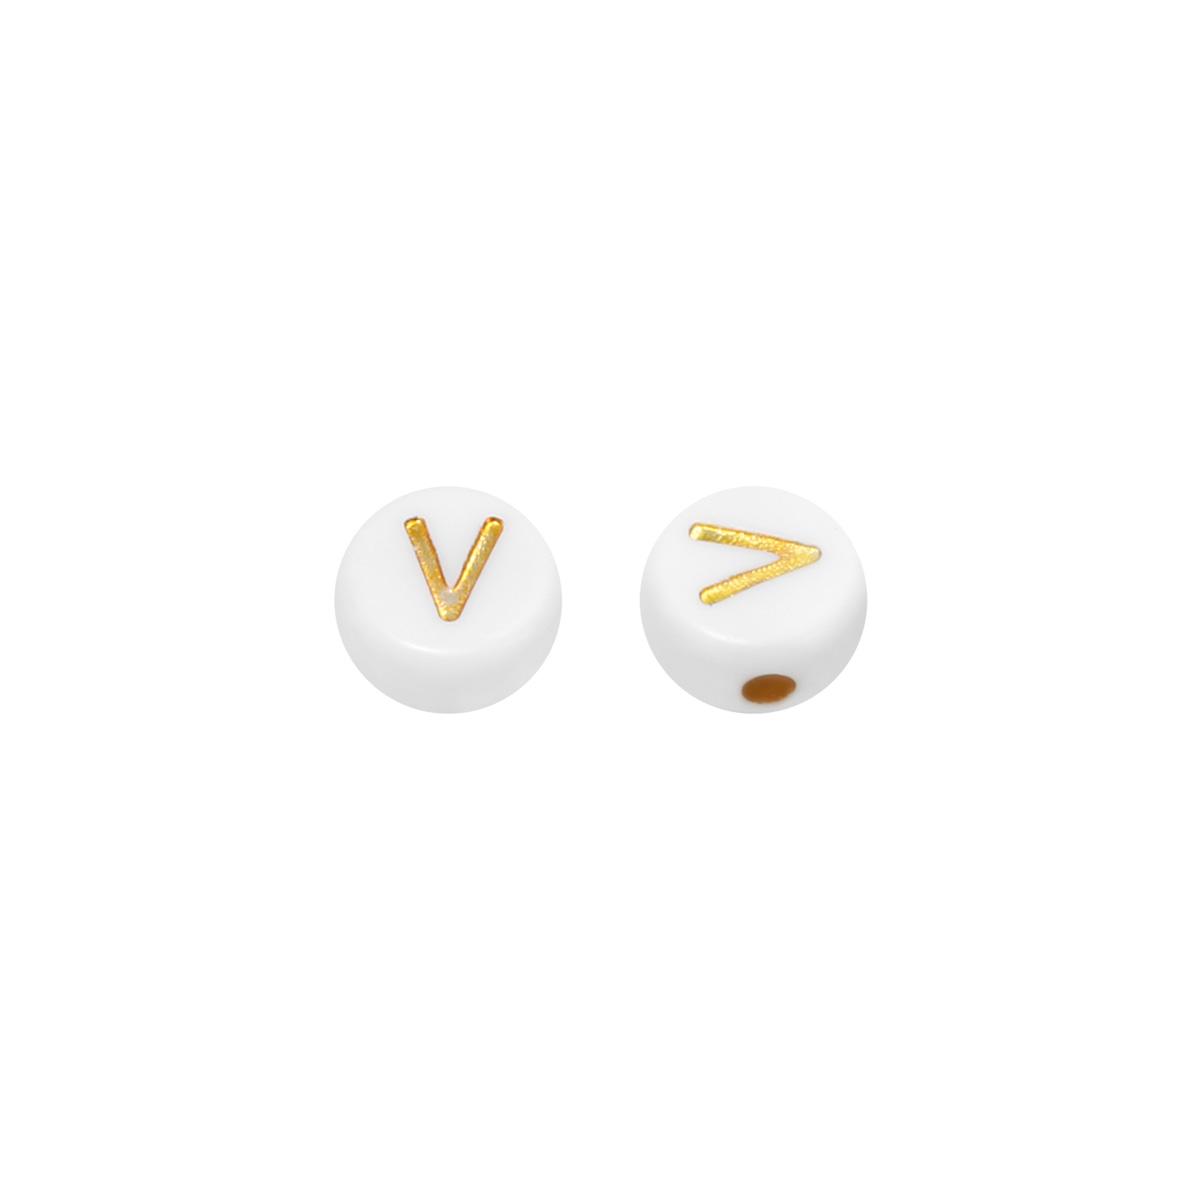 Diy flat beads letter v - 7mm